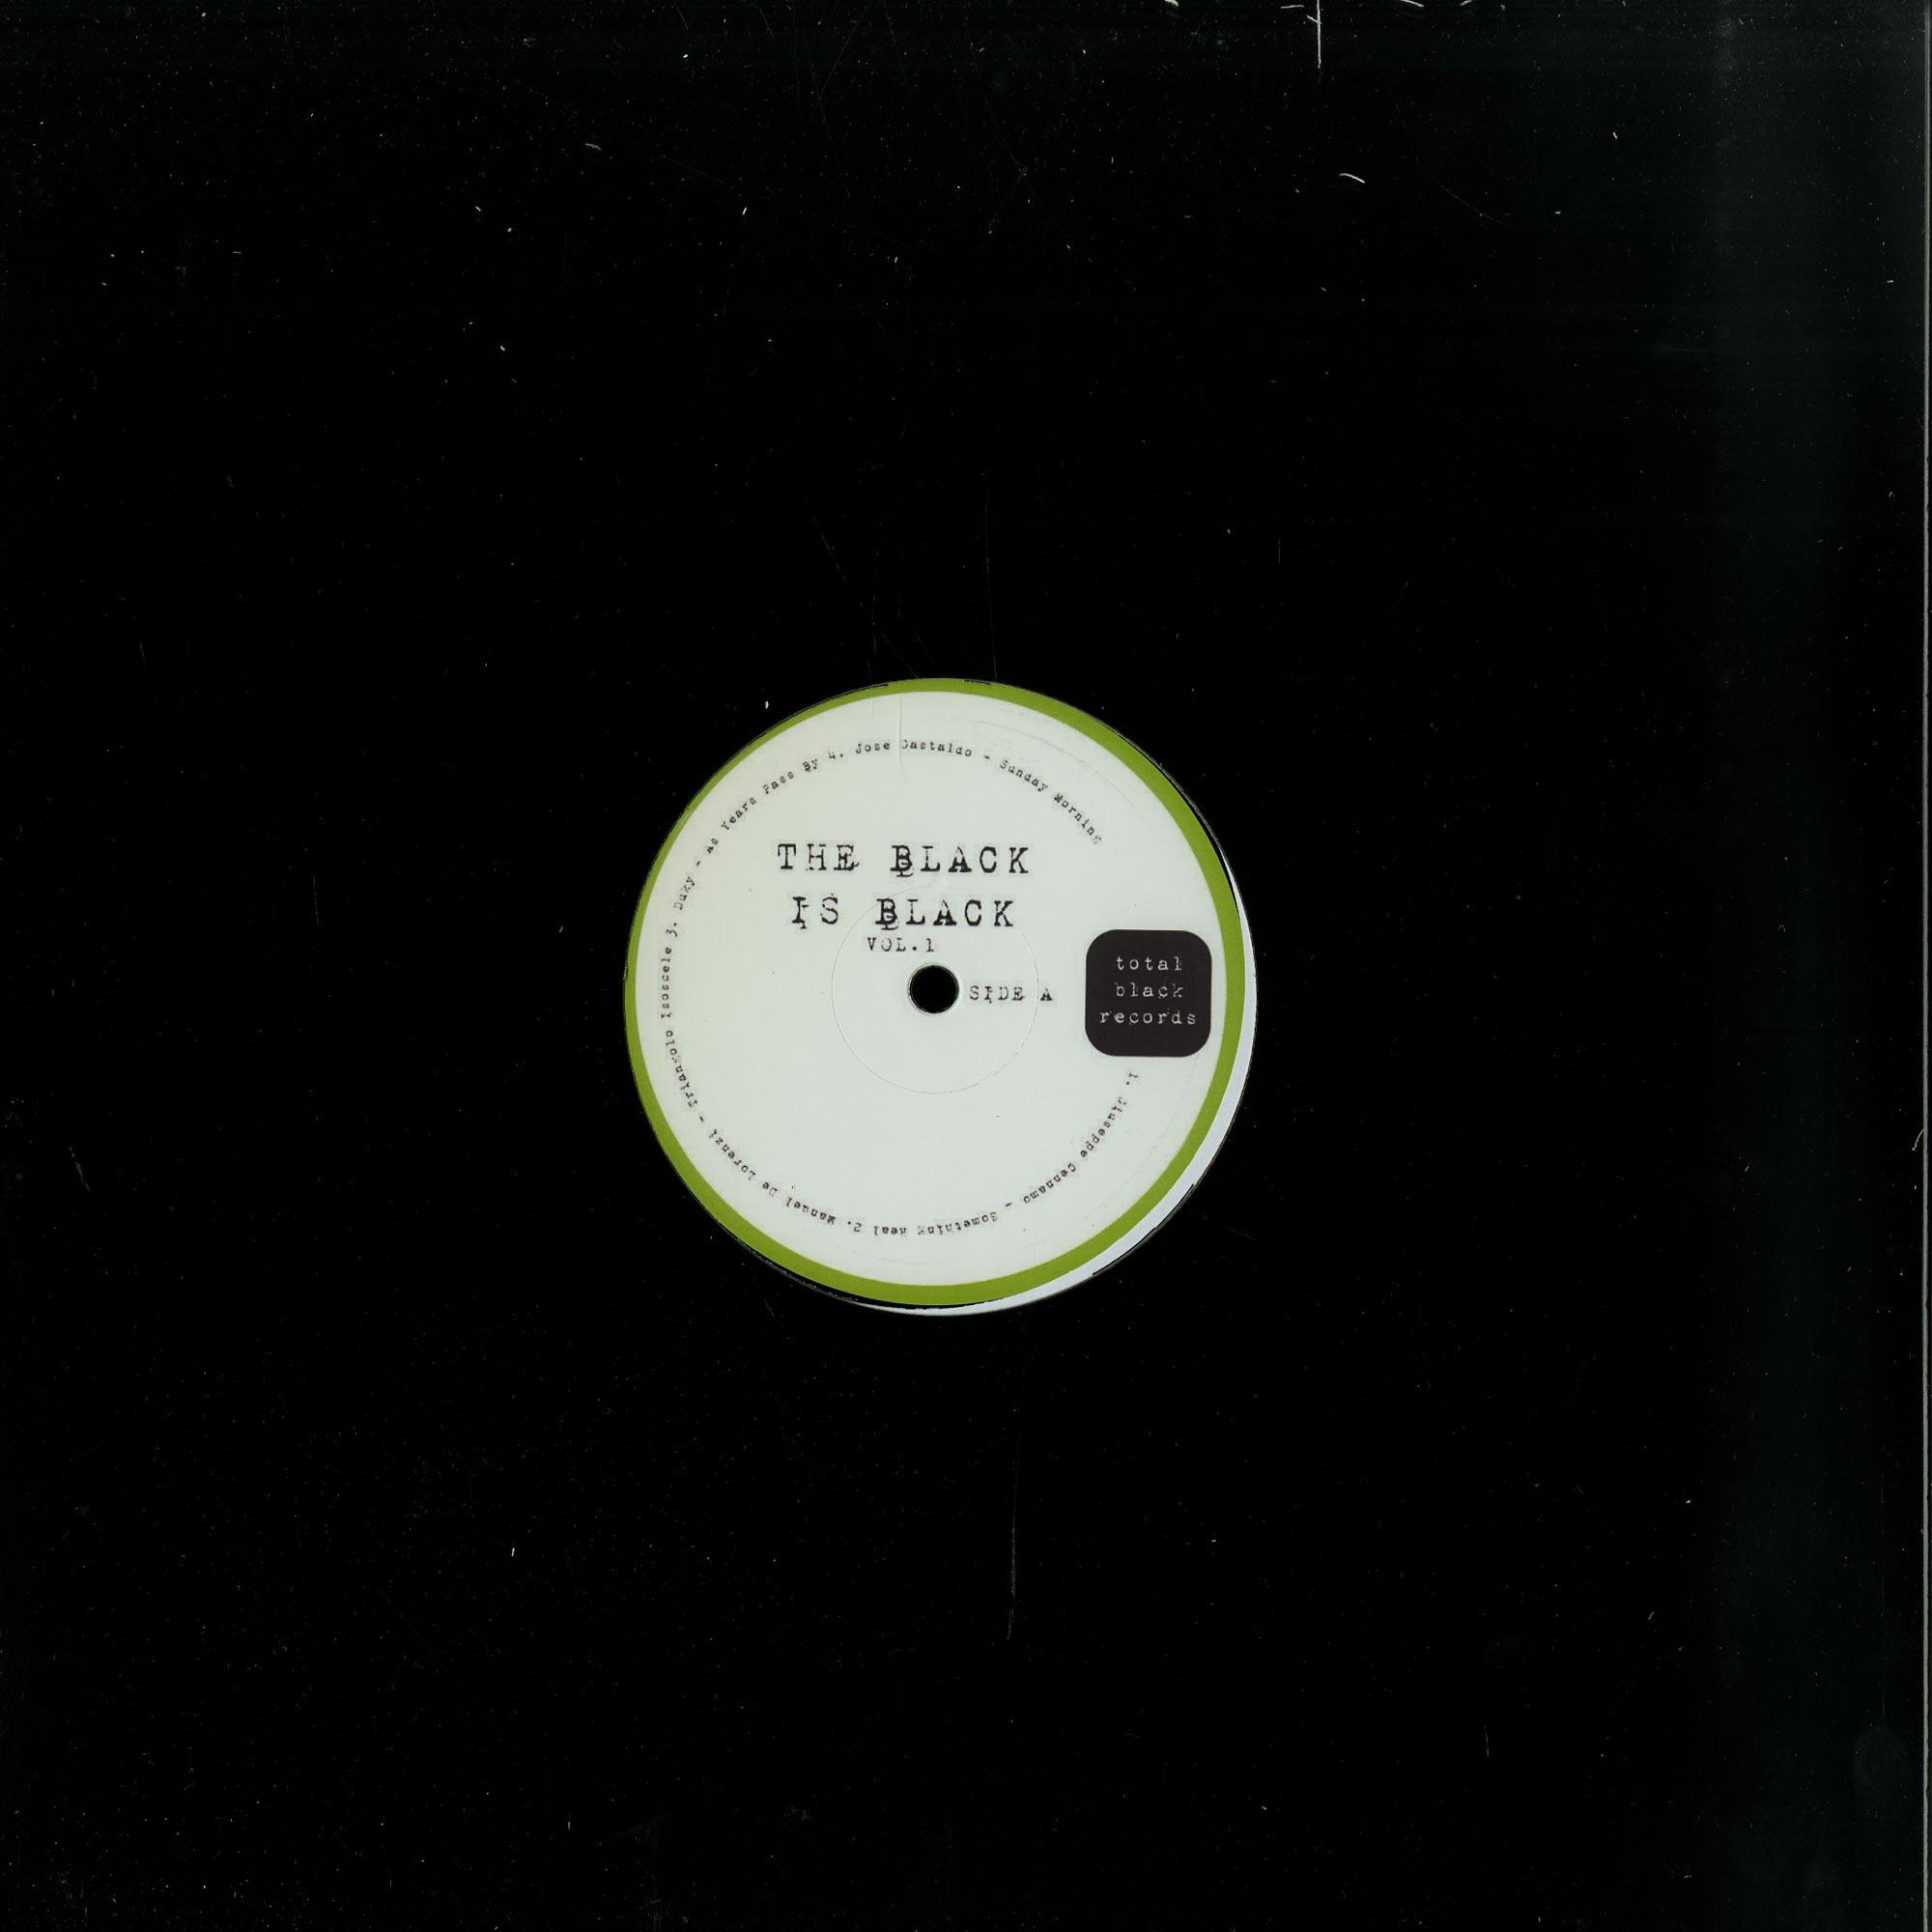 Giuseppe Cennamo , Manuel De Lorenzi , Duky , Jose Gastaldo - THE BLACK IS BLACK VOL.1